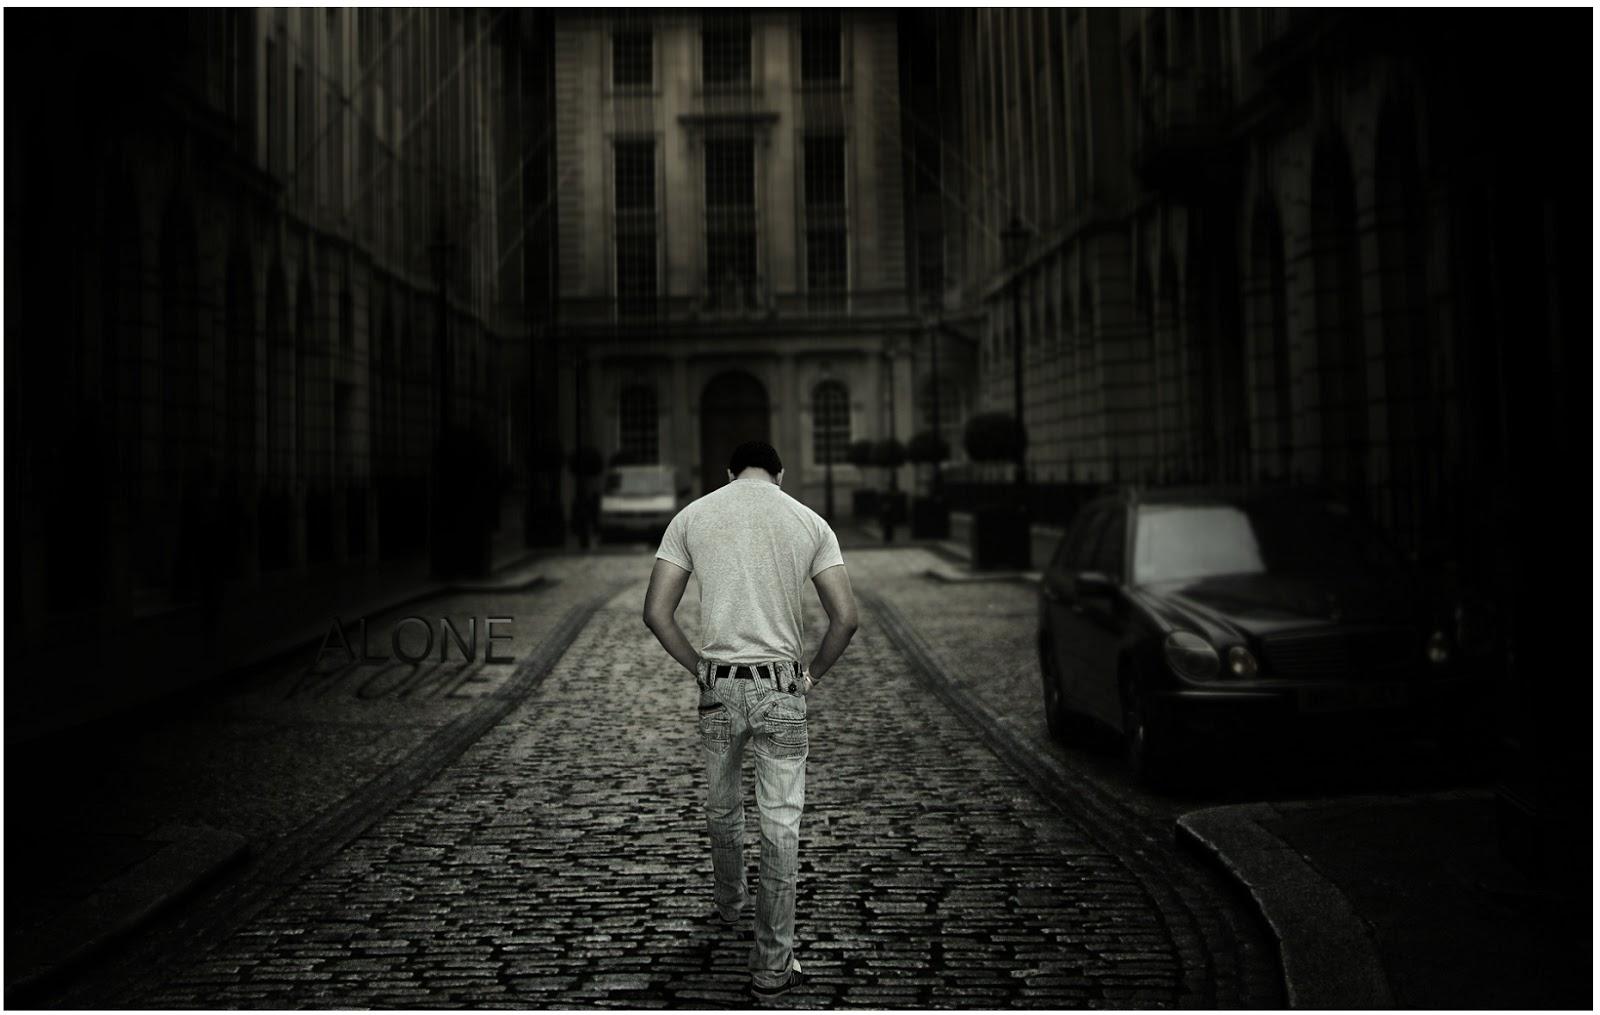 بالصور صور رجال حزينه , افضل الصور للرجال الحزينة 4760 8